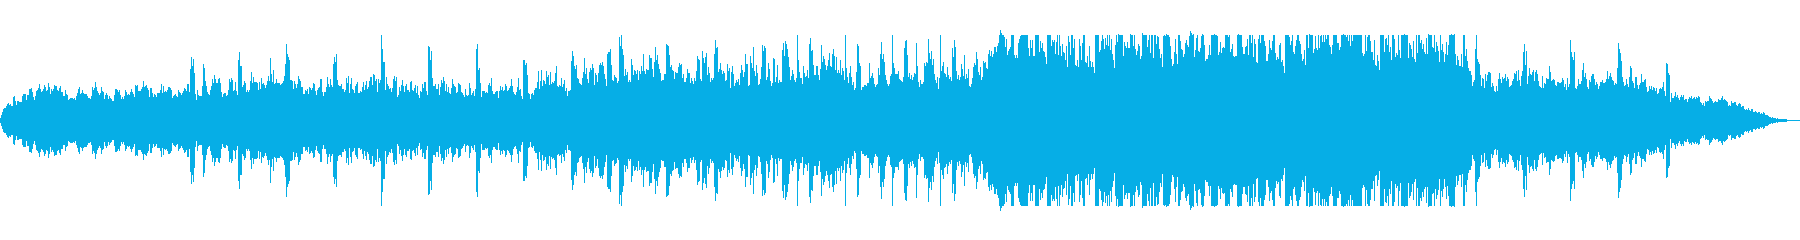 穏やかで幻想的なミディアムテンポの曲の再生済みの波形